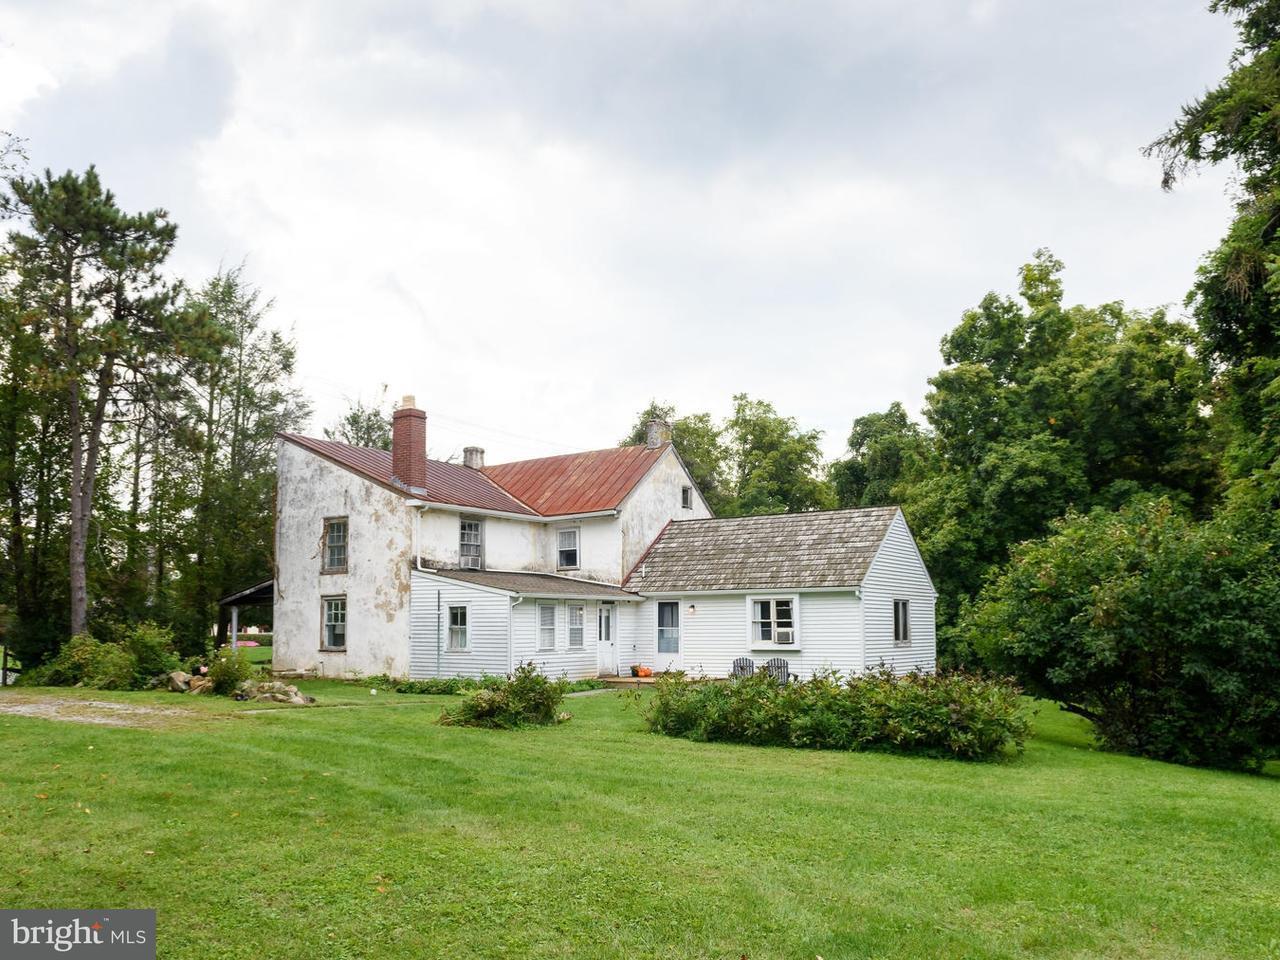 Casa Unifamiliar por un Venta en 1101 LITTLE CONESTOGA Road Glenmoore, Pennsylvania 19343 Estados Unidos